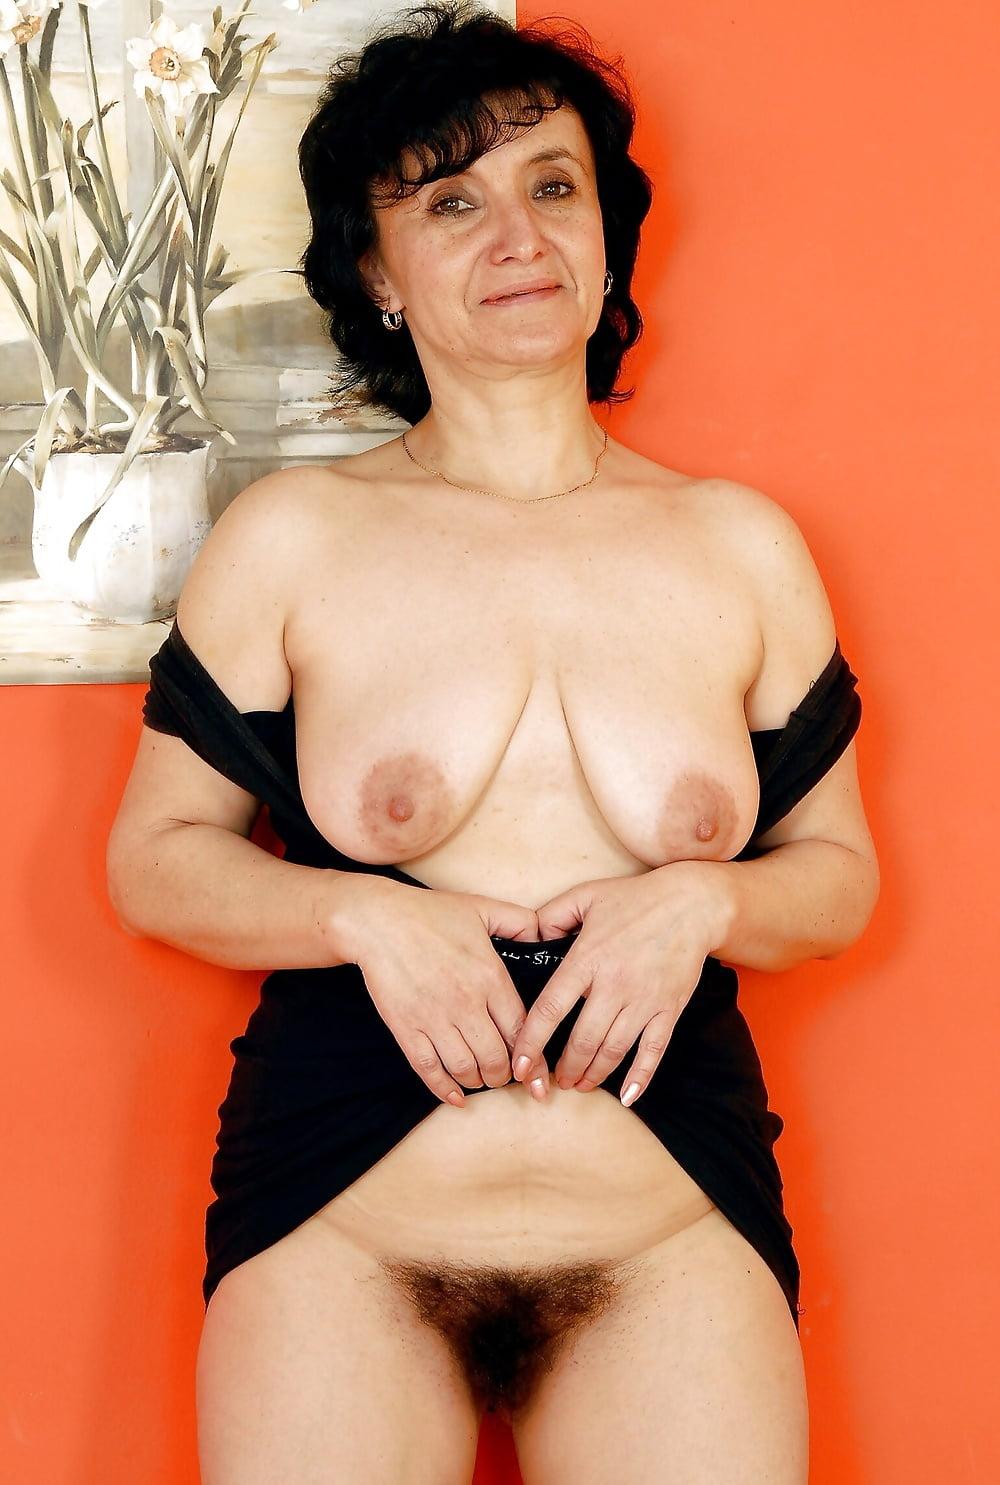 Brunette granny nude pics, granny porn photos